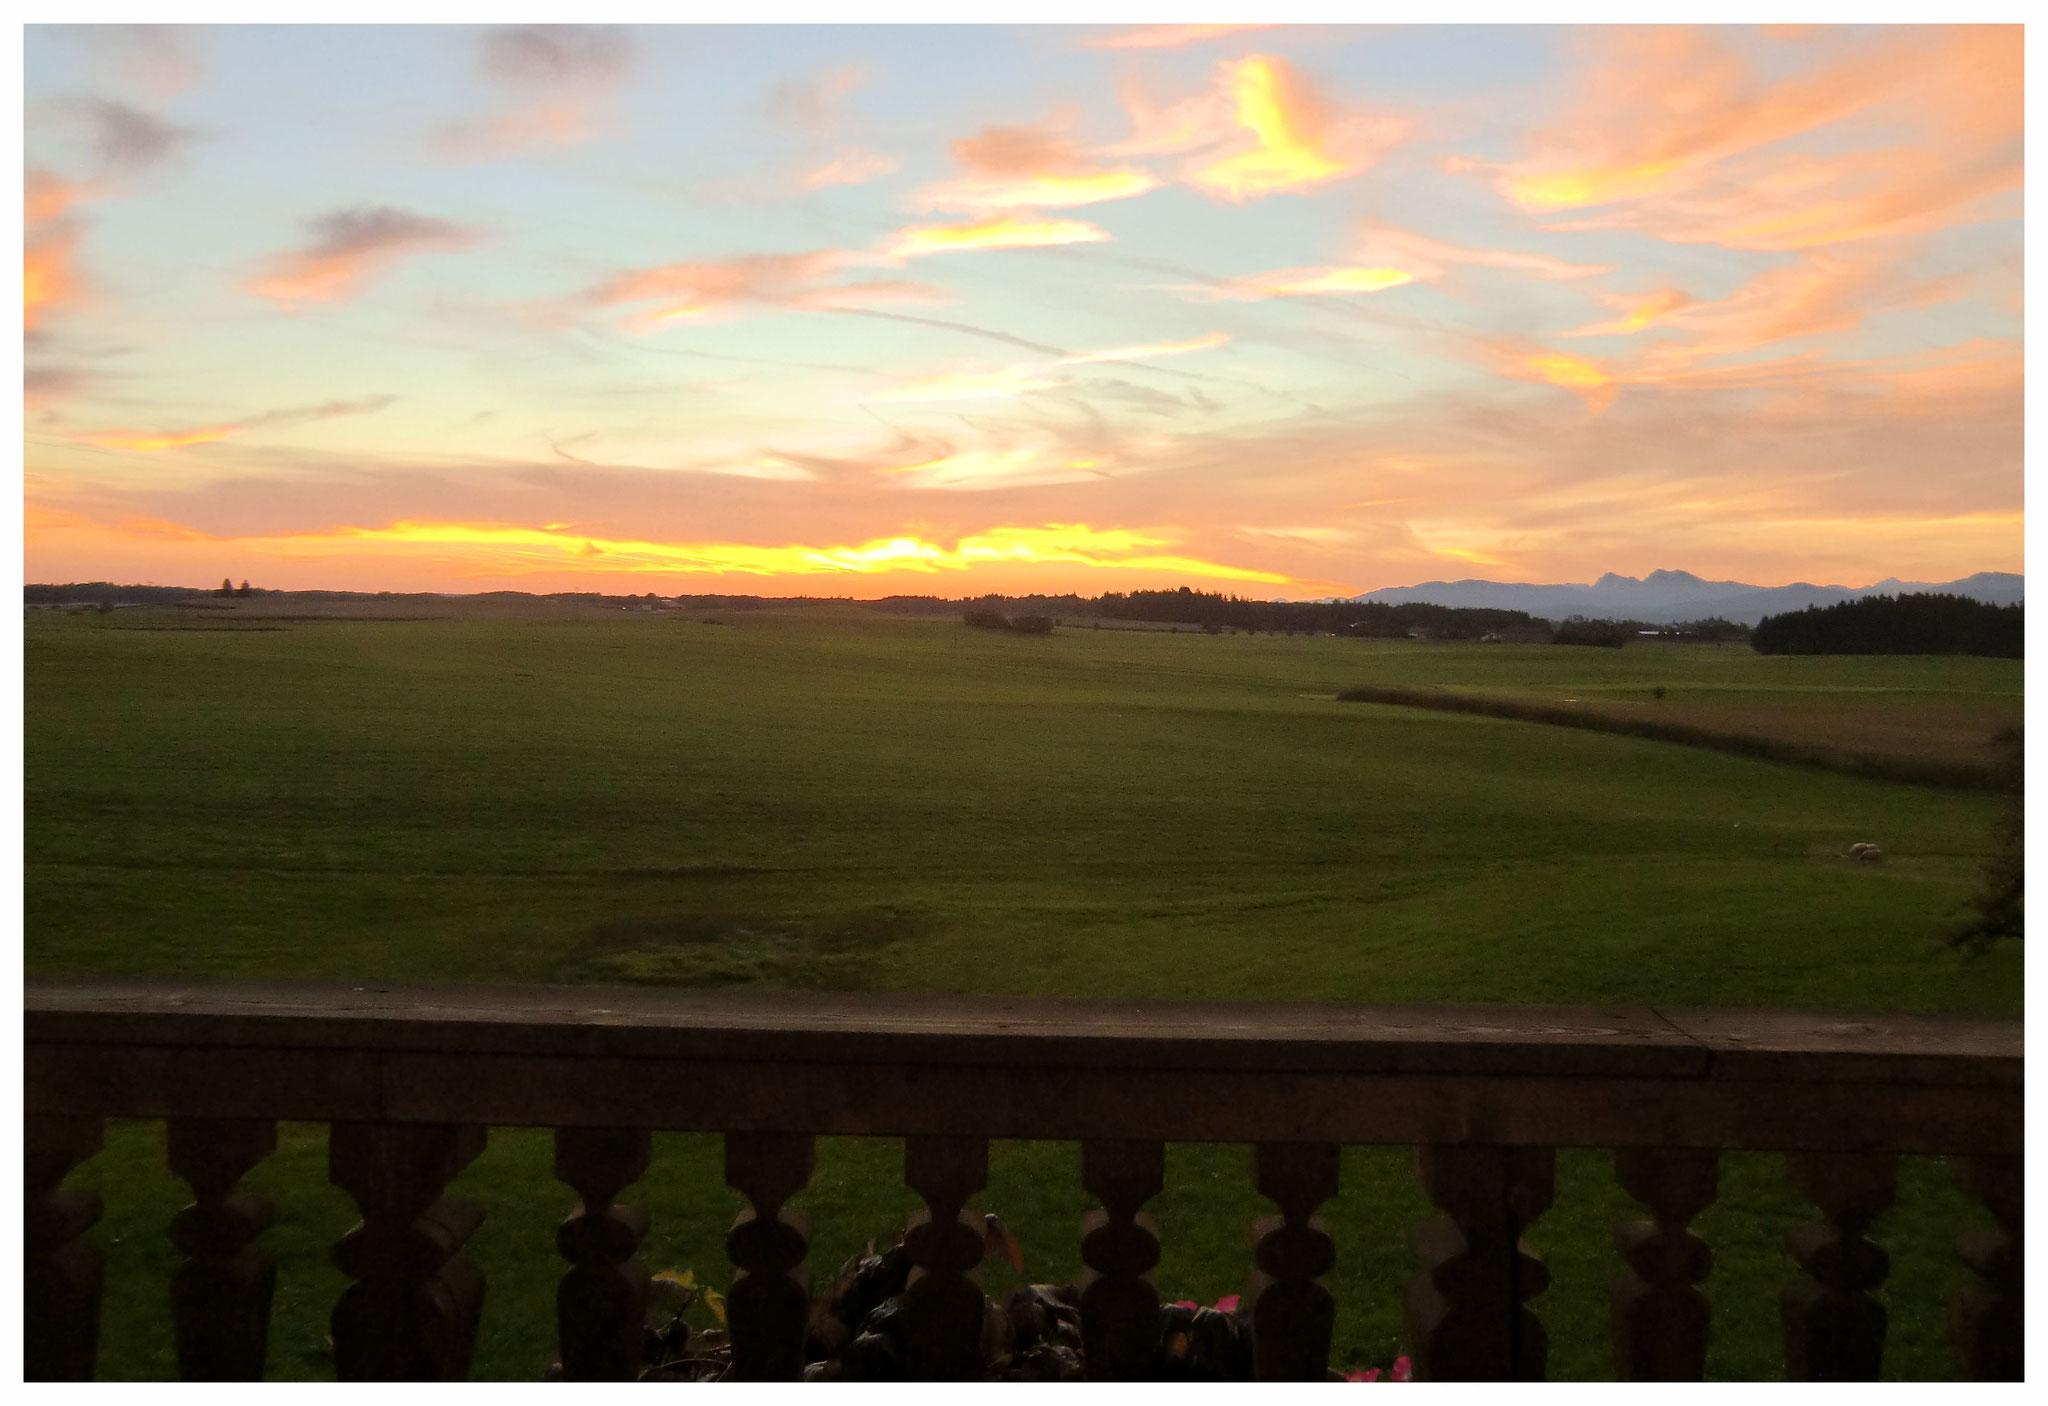 Sonnenaufgang - Balkonausblick Osten